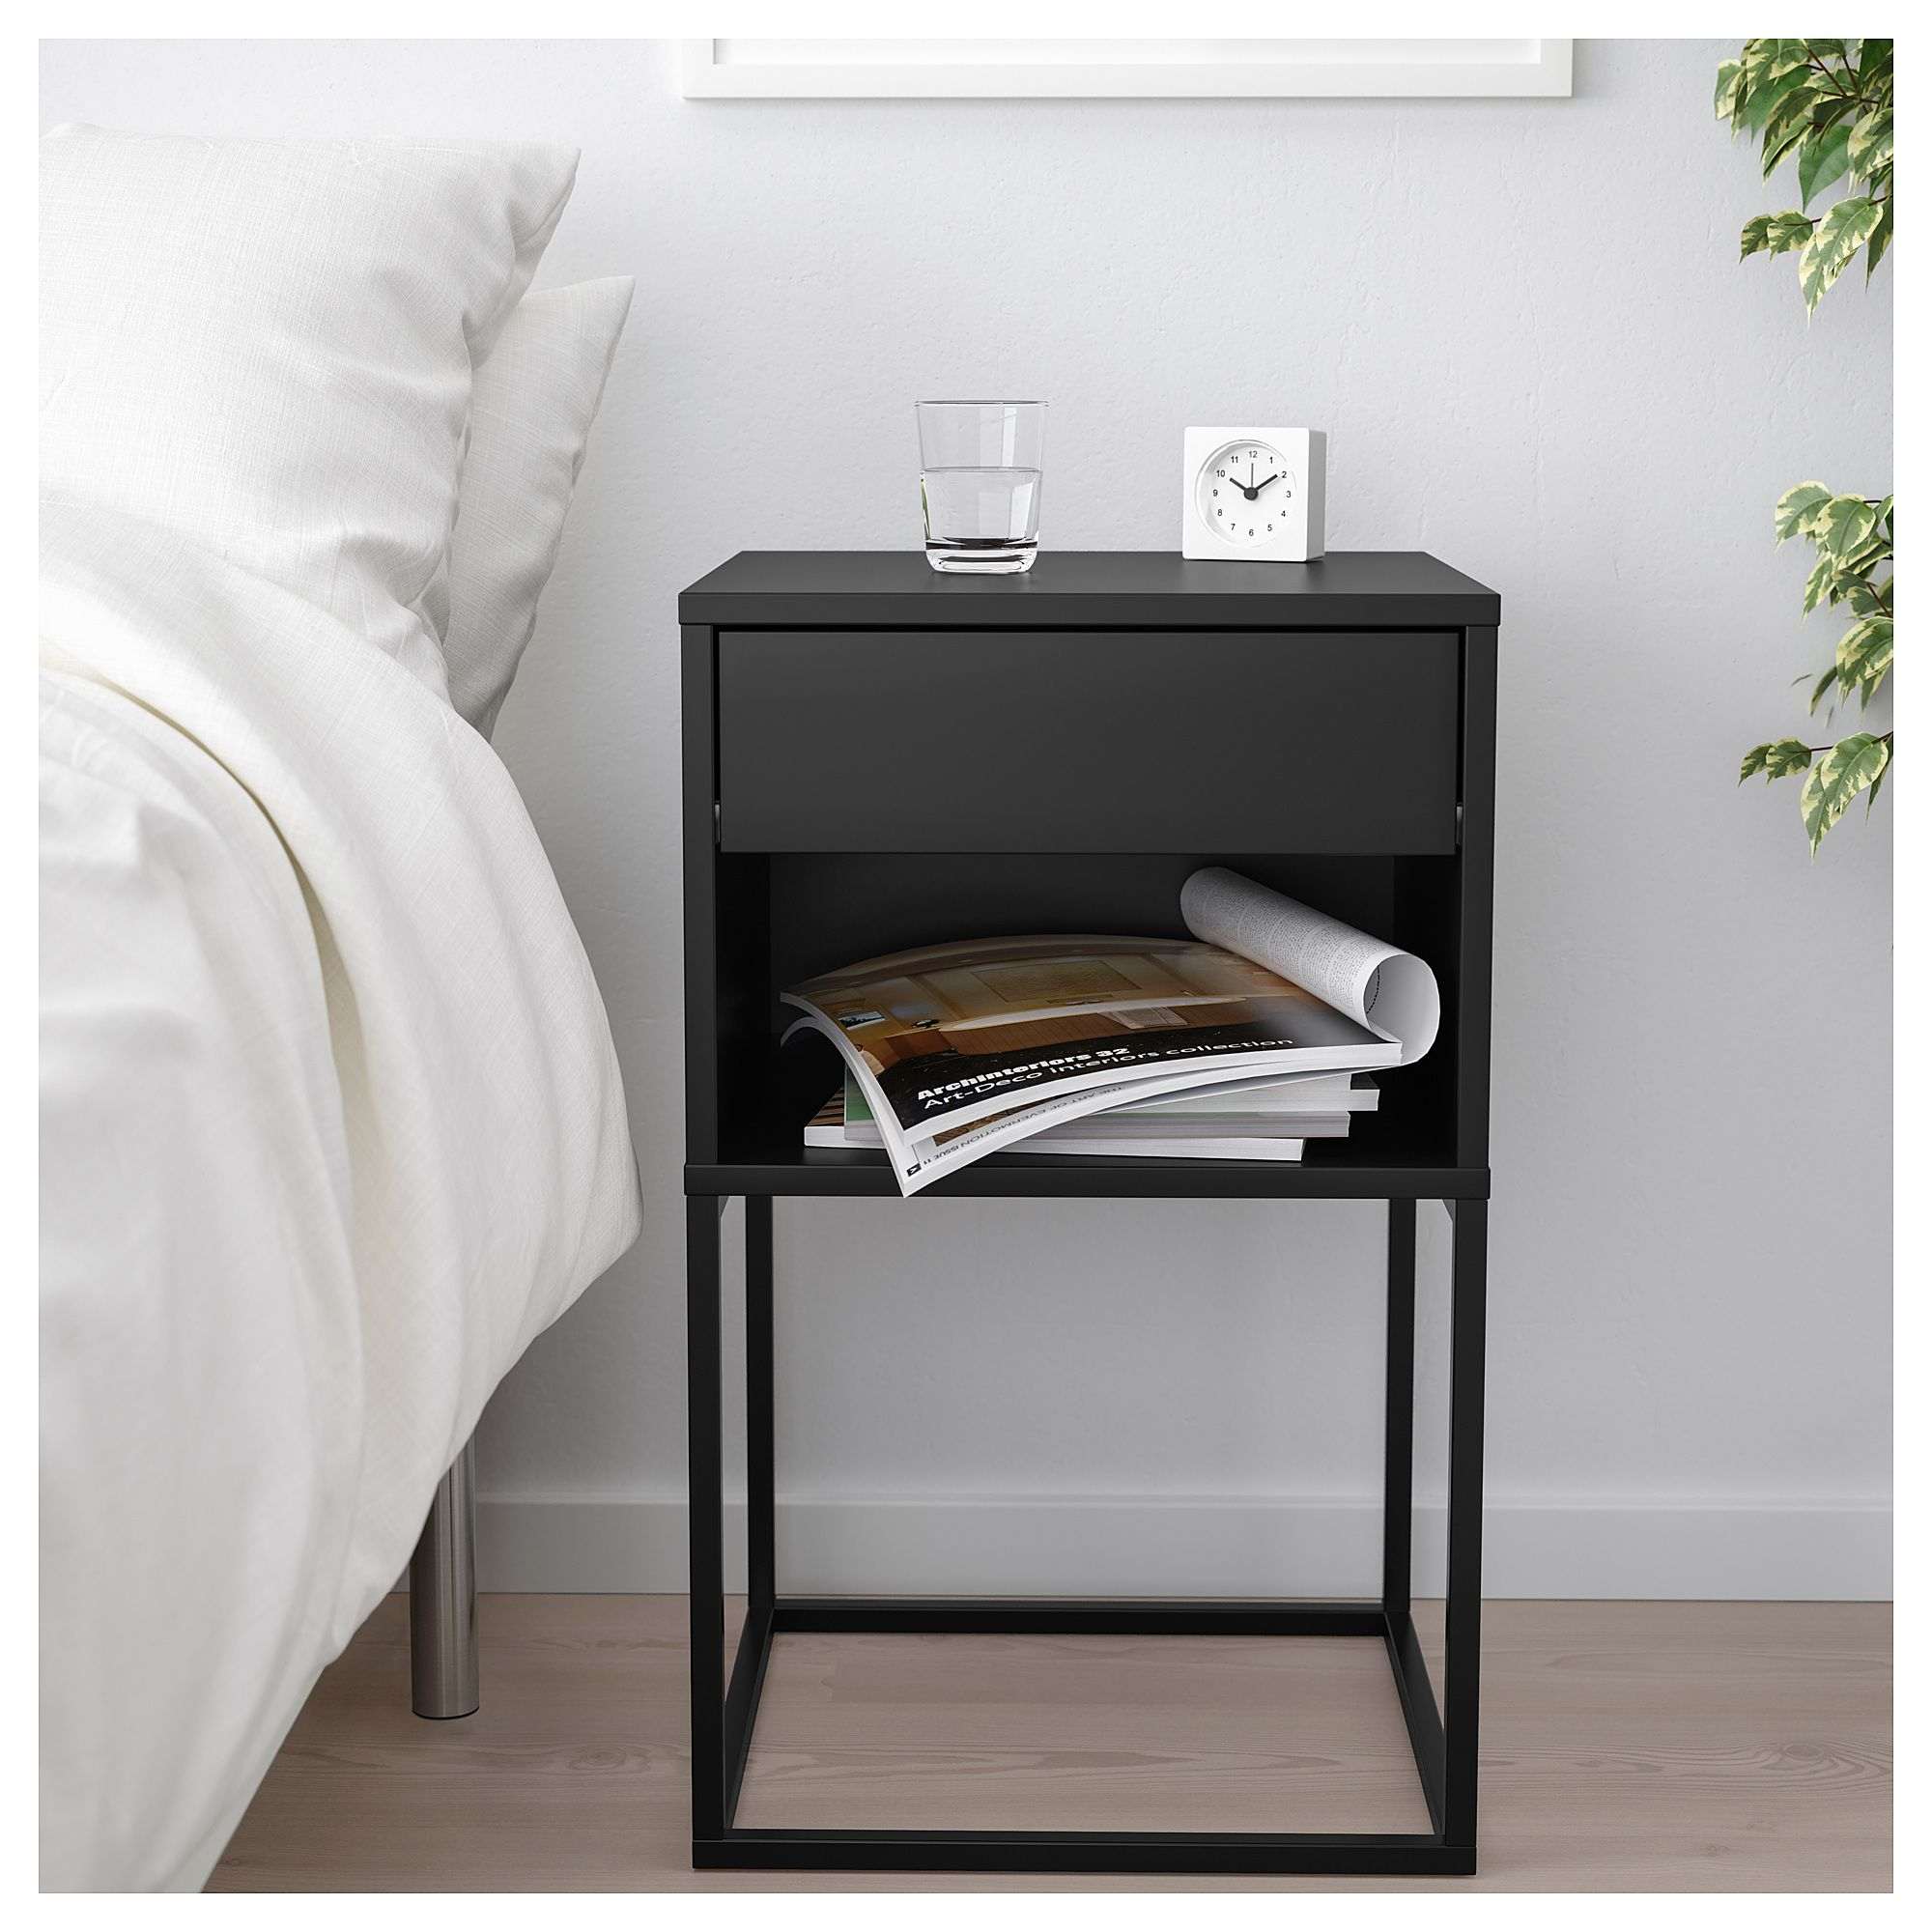 VIKHAMMER Bedside table black 40x39 cm in 2020 Bedside